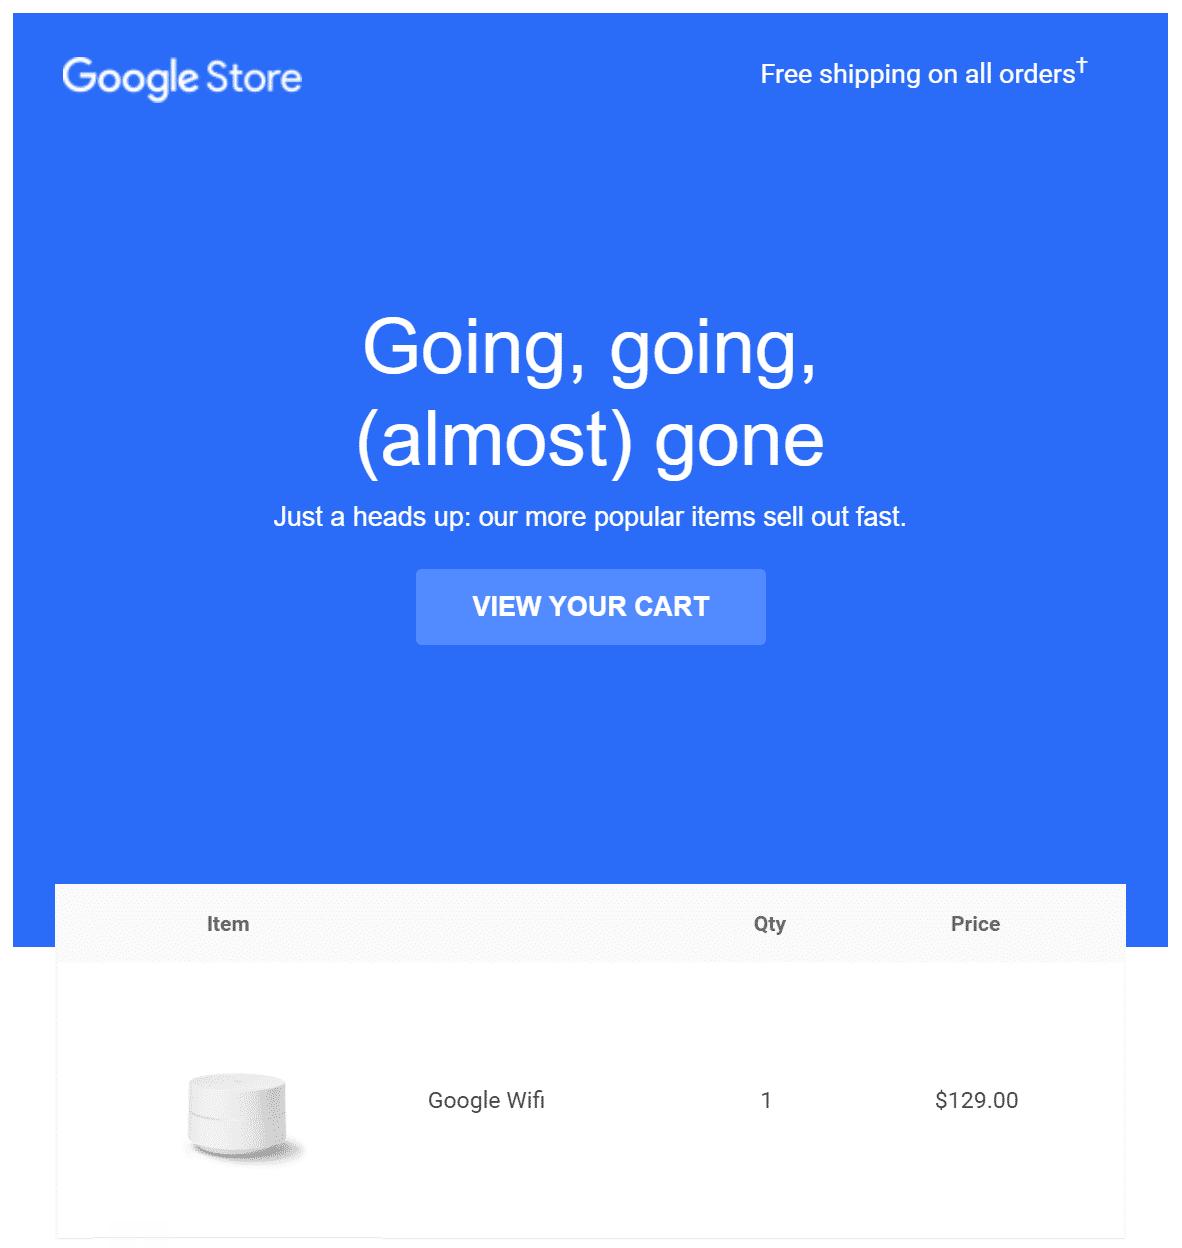 Ein Beispiel für einen Google Store Rabattcode